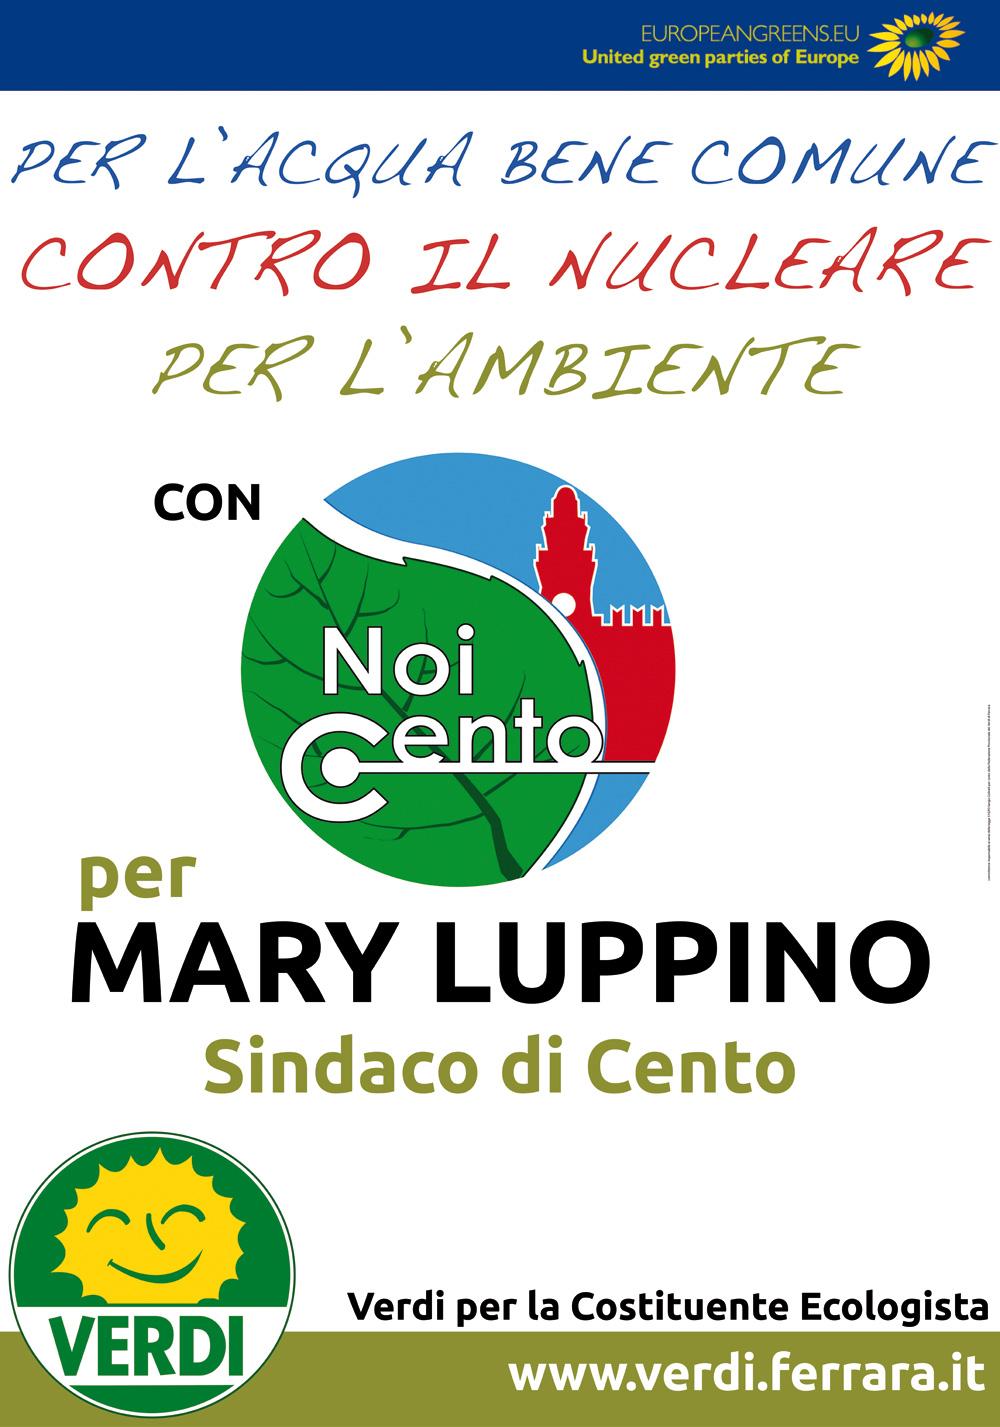 """<div class=""""at-above-post-arch-page addthis_tool"""" data-url=""""http://www.verdi.ferrara.it/sito/2011/05/01/a-cento-per-mary-luppino/""""></div>I Verdi per la Costituente ecologista di Ferrara sostengono la candidatura a Sindaco di Cento di Mary Luppino anche con la candidatura nelle lista NOI CENTO di Barbara Diolaiti, insegnante, […]<!-- AddThis Advanced Settings above via filter on get_the_excerpt --><!-- AddThis Advanced Settings below via filter on get_the_excerpt --><!-- AddThis Advanced Settings generic via filter on get_the_excerpt --><!-- AddThis Share Buttons above via filter on get_the_excerpt --><!-- AddThis Share Buttons below via filter on get_the_excerpt --><div class=""""at-below-post-arch-page addthis_tool"""" data-url=""""http://www.verdi.ferrara.it/sito/2011/05/01/a-cento-per-mary-luppino/""""></div><!-- AddThis Share Buttons generic via filter on get_the_excerpt -->"""